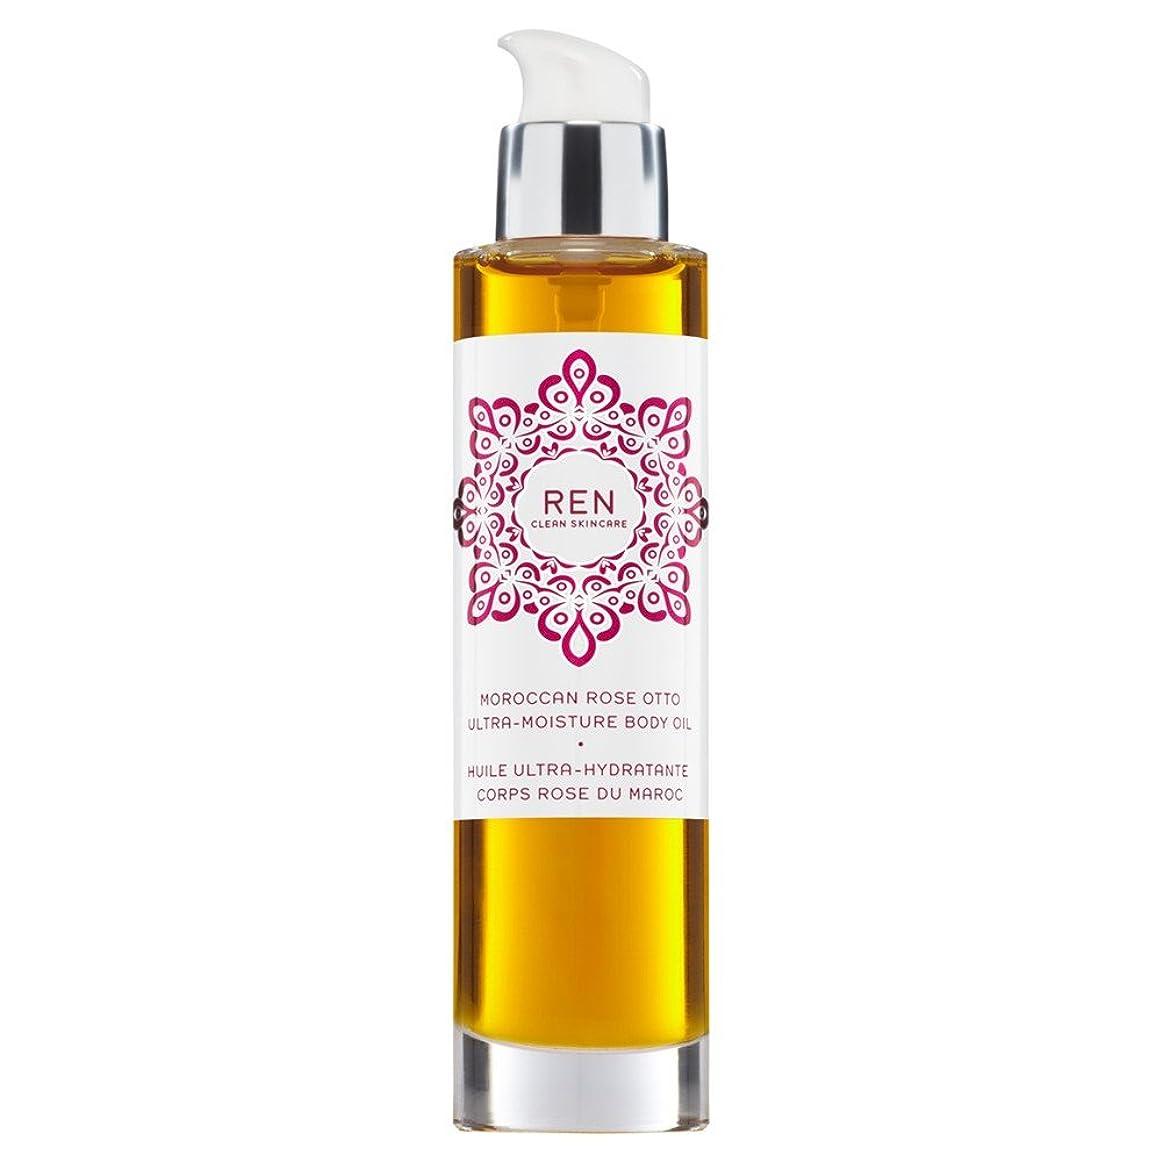 花輪キャンベラフラスコRenモロッコはオットー超水分ボディオイル100ミリリットルをバラ (REN) - REN Moroccan Rose Otto Ultra-Moisture Body Oil 100ml [並行輸入品]